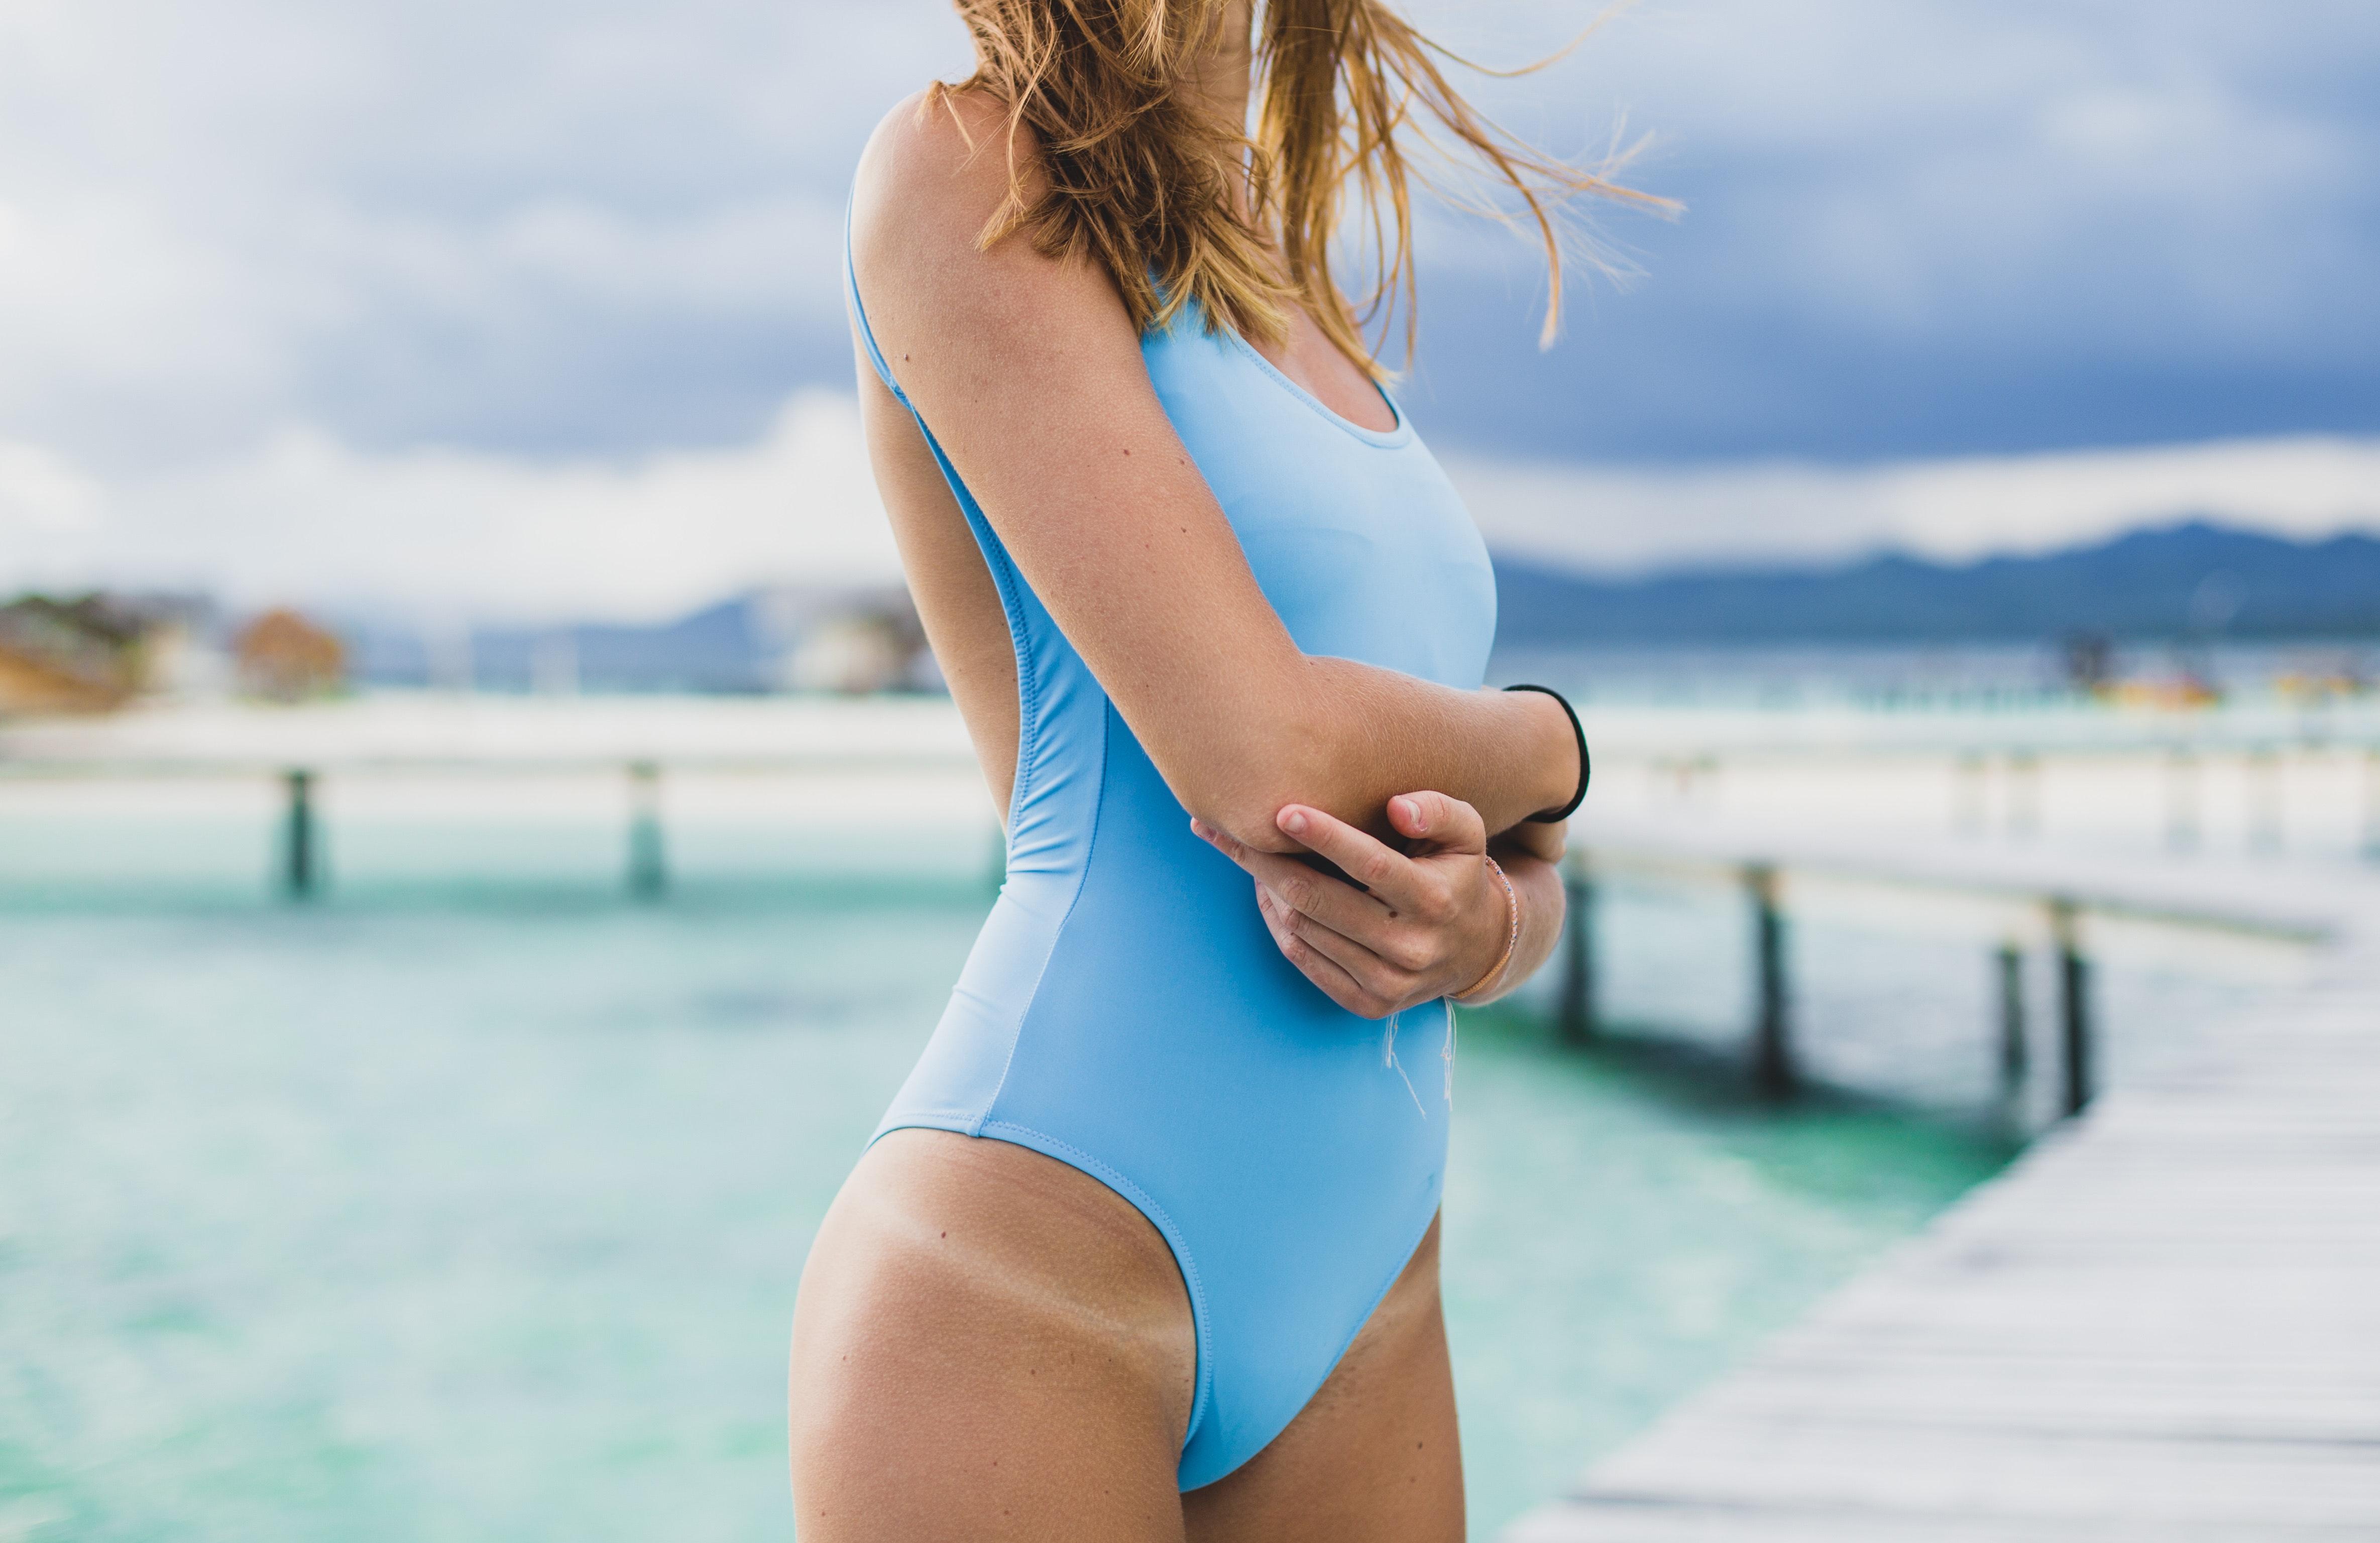 Dziewczyna wniebieskim kostiumie kąpielowym zjasnymi śladami po opalaniu na biodrze.